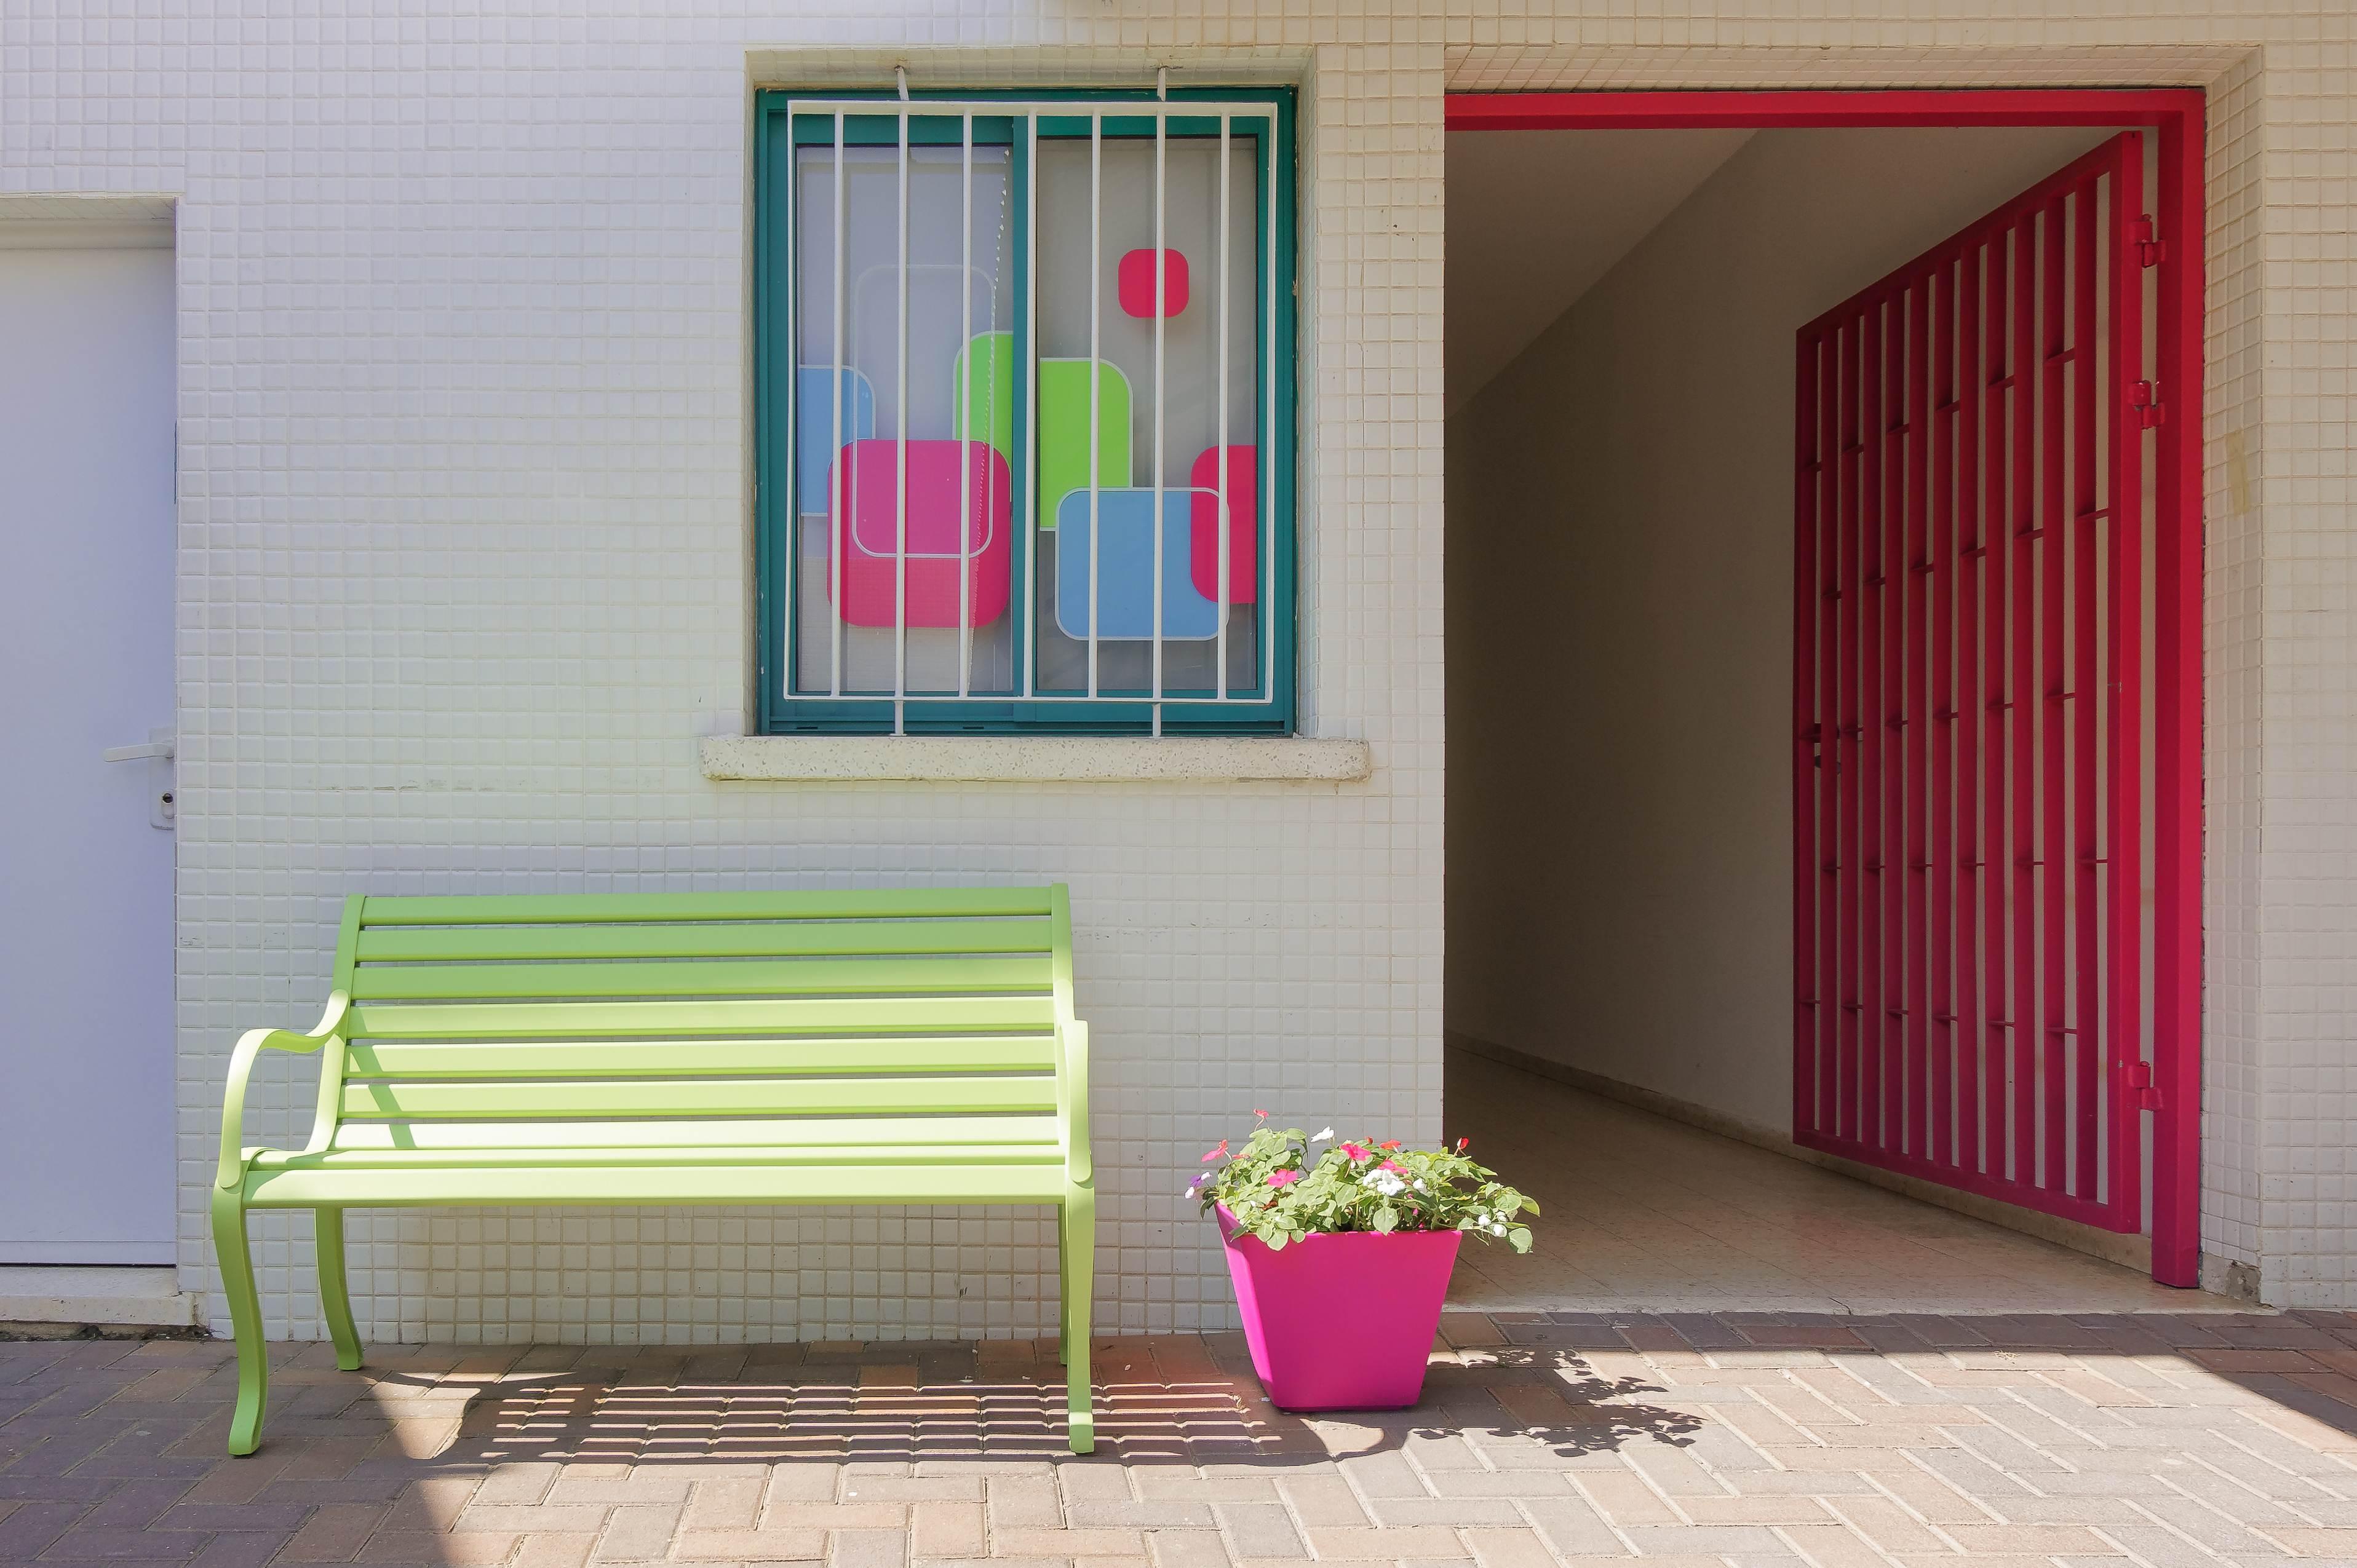 עיצוב מרחב ציבורי